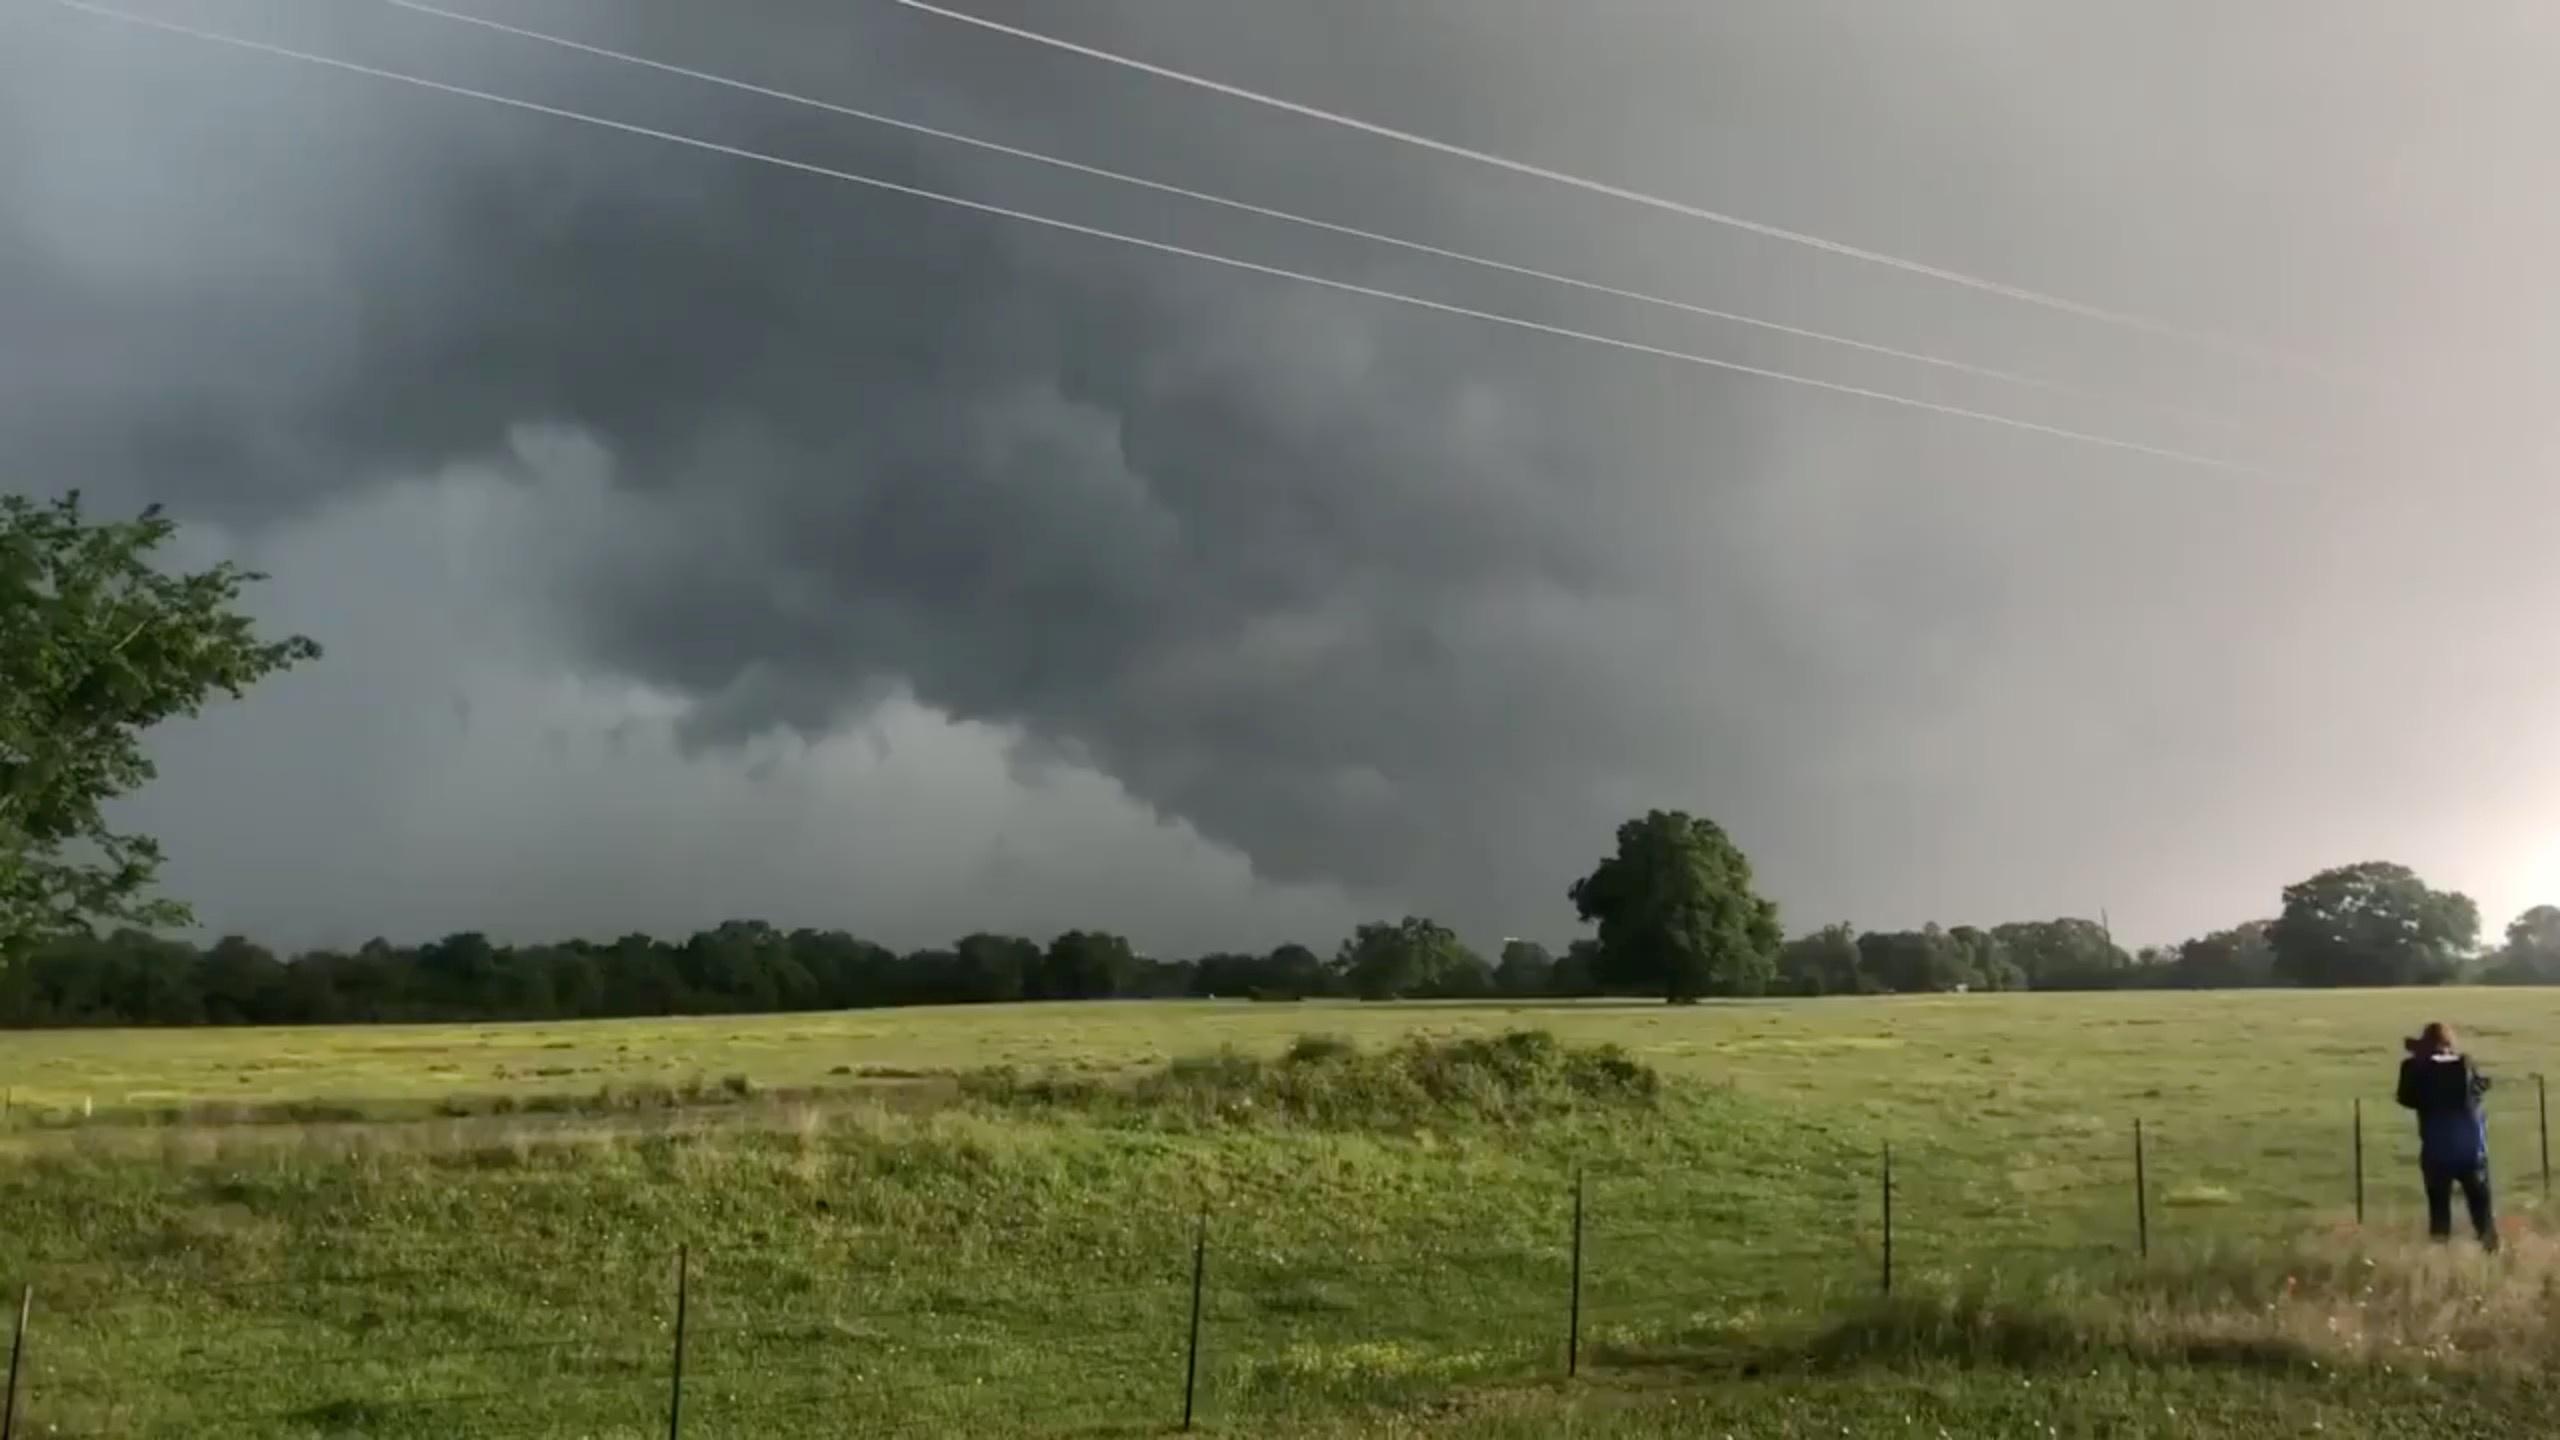 الطقس ومنظر للسحب فى منطقة الاعصار فى تكساس2